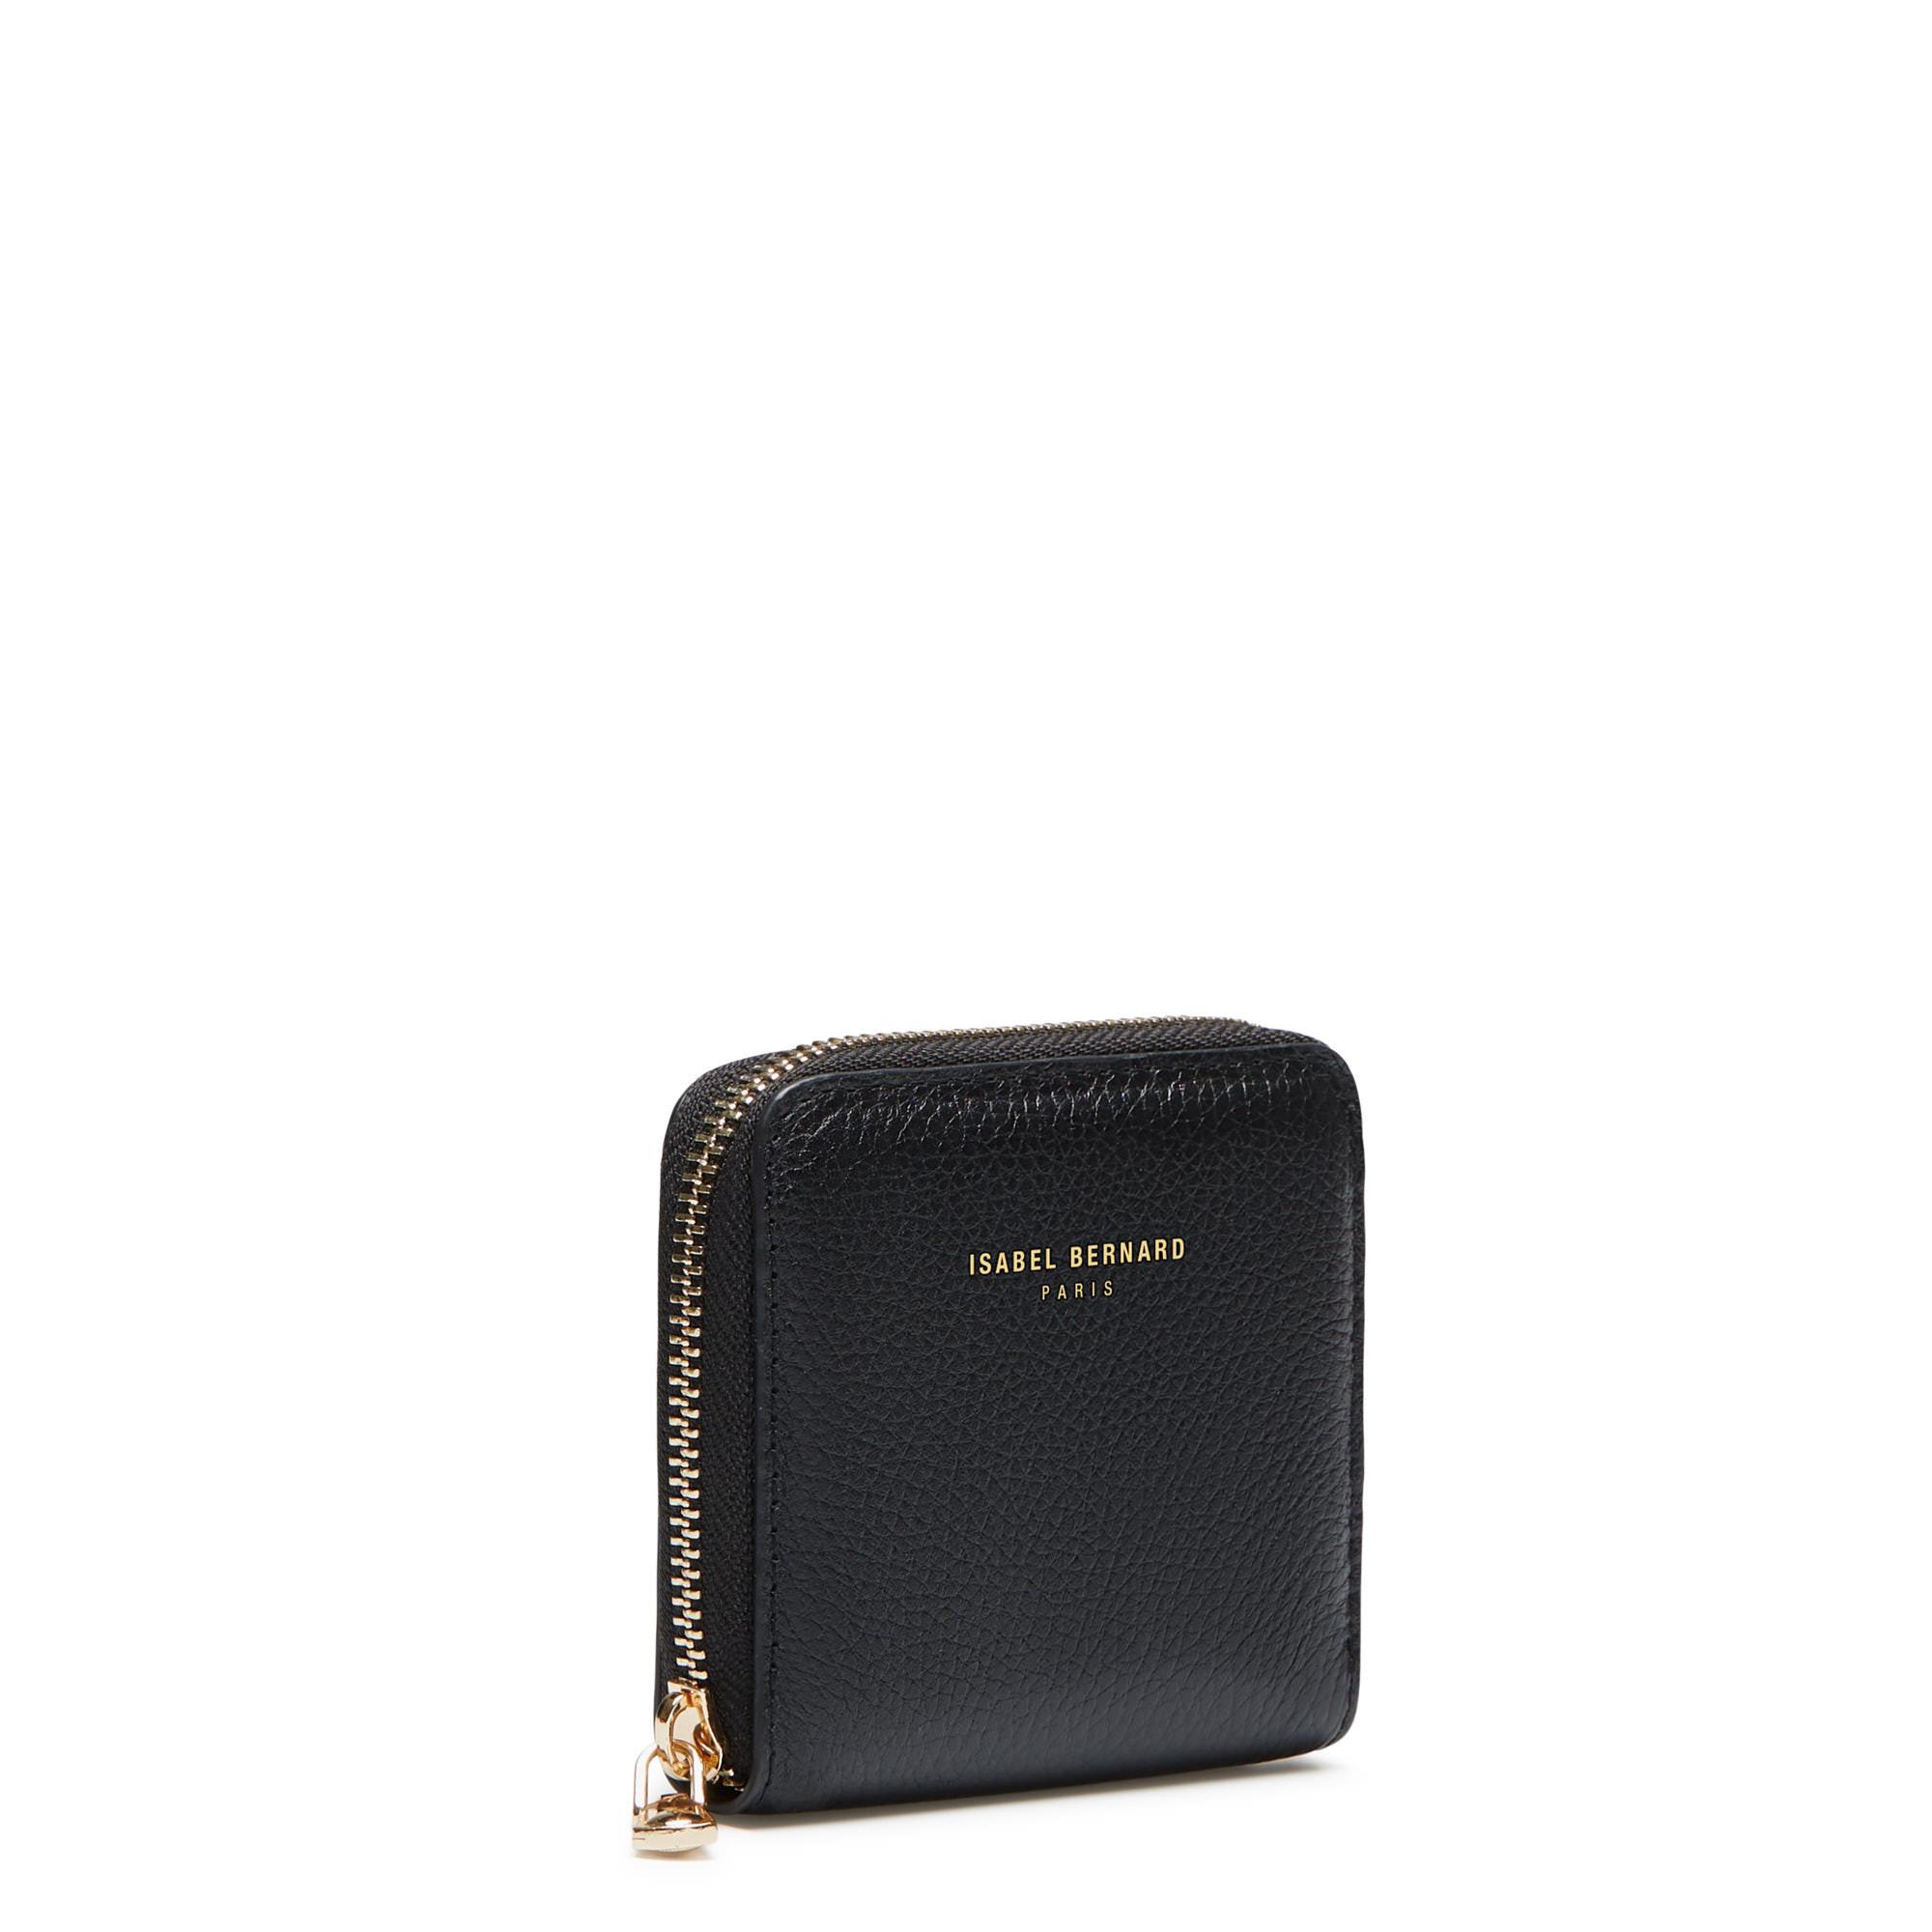 Isabel Bernard Honoré Jules black calfskin leather zipper wallet